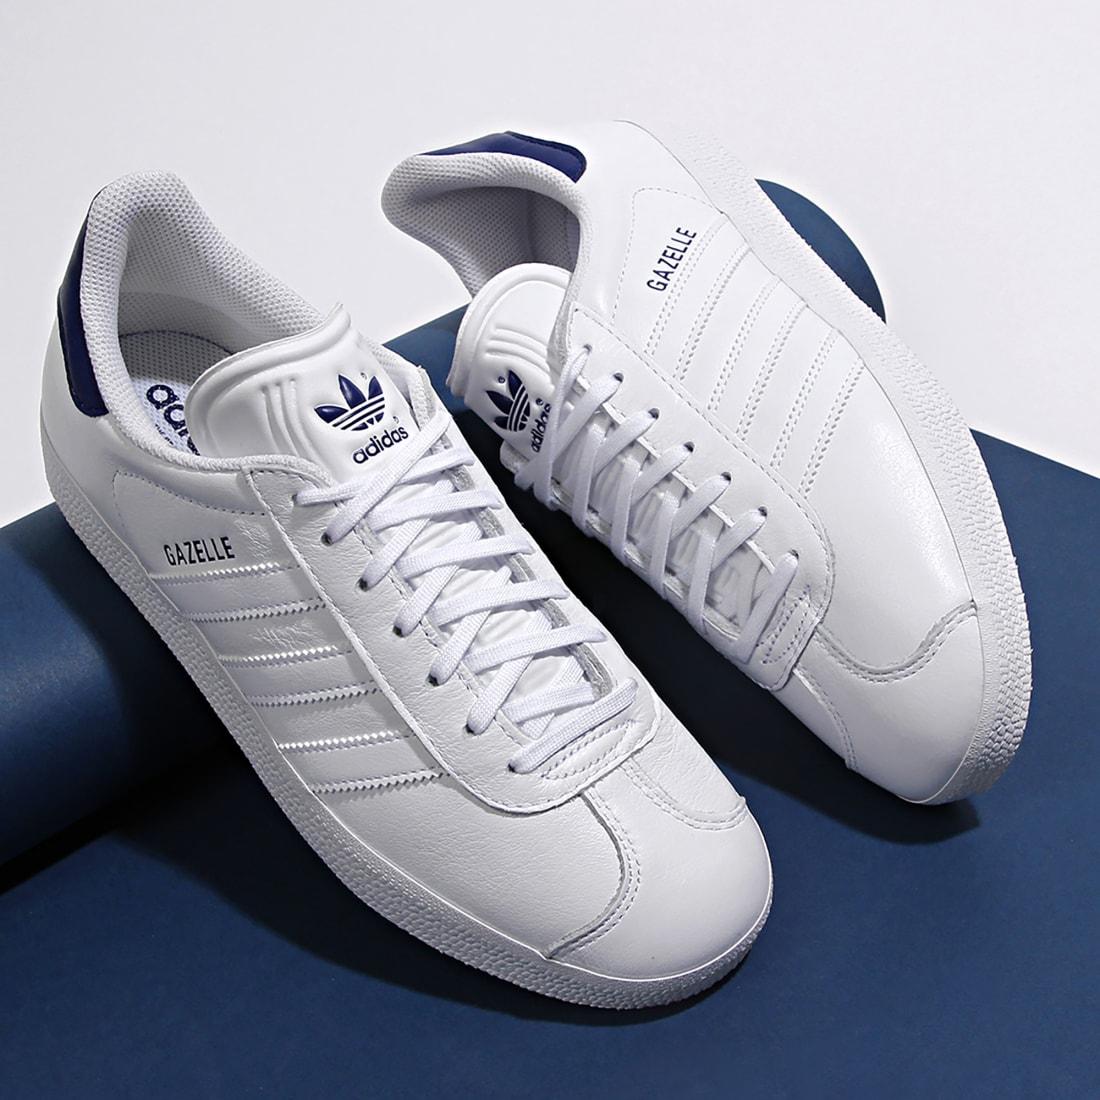 adidas Baskets Gazelle FU9487 Footwear White DArk Blue